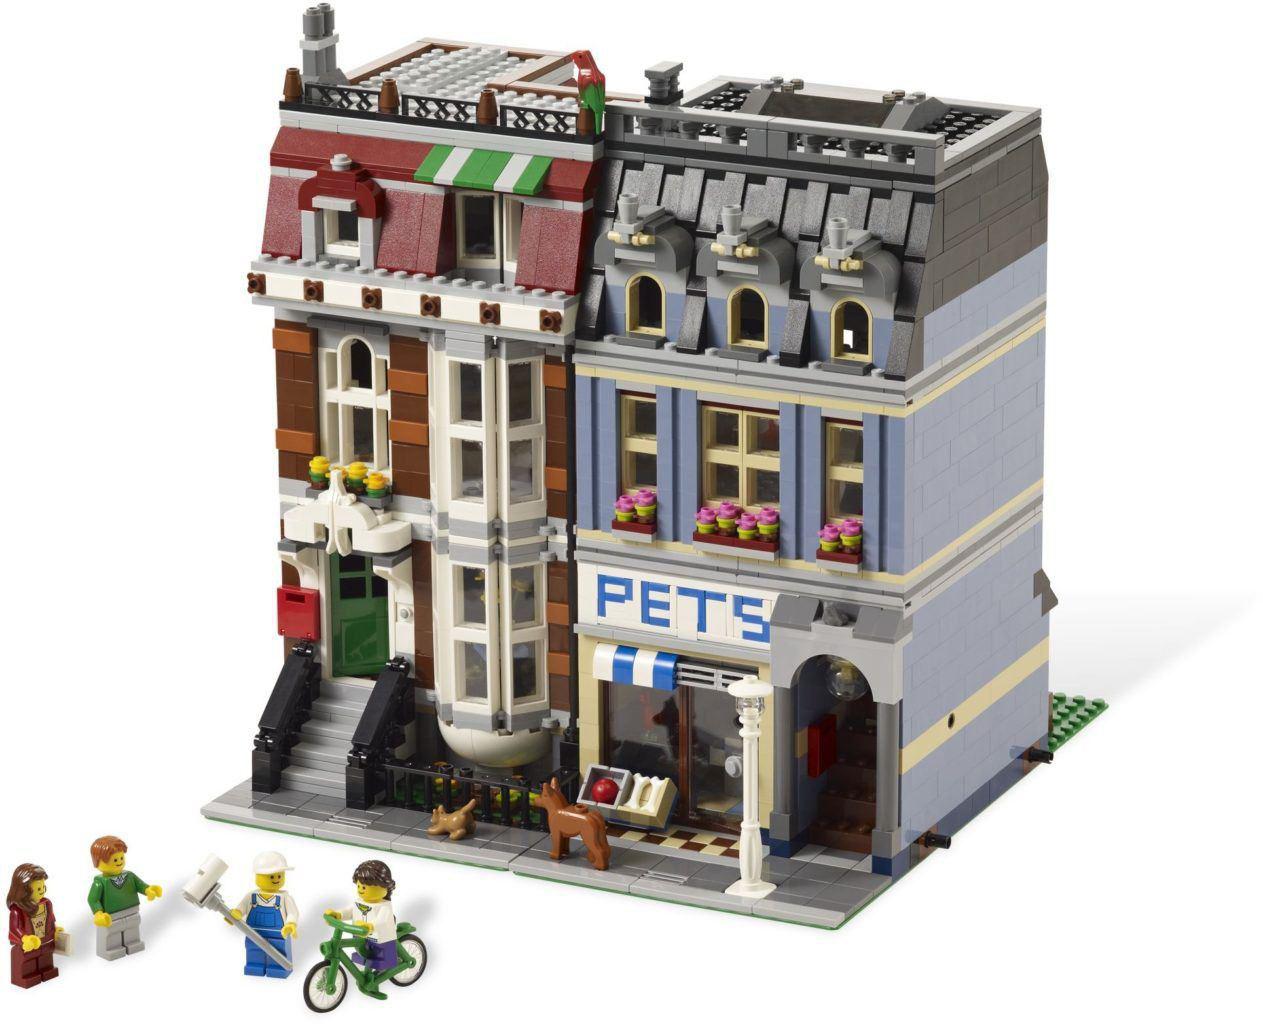 Lego pet shop 10218 kopen online lego shop for Lago shop online